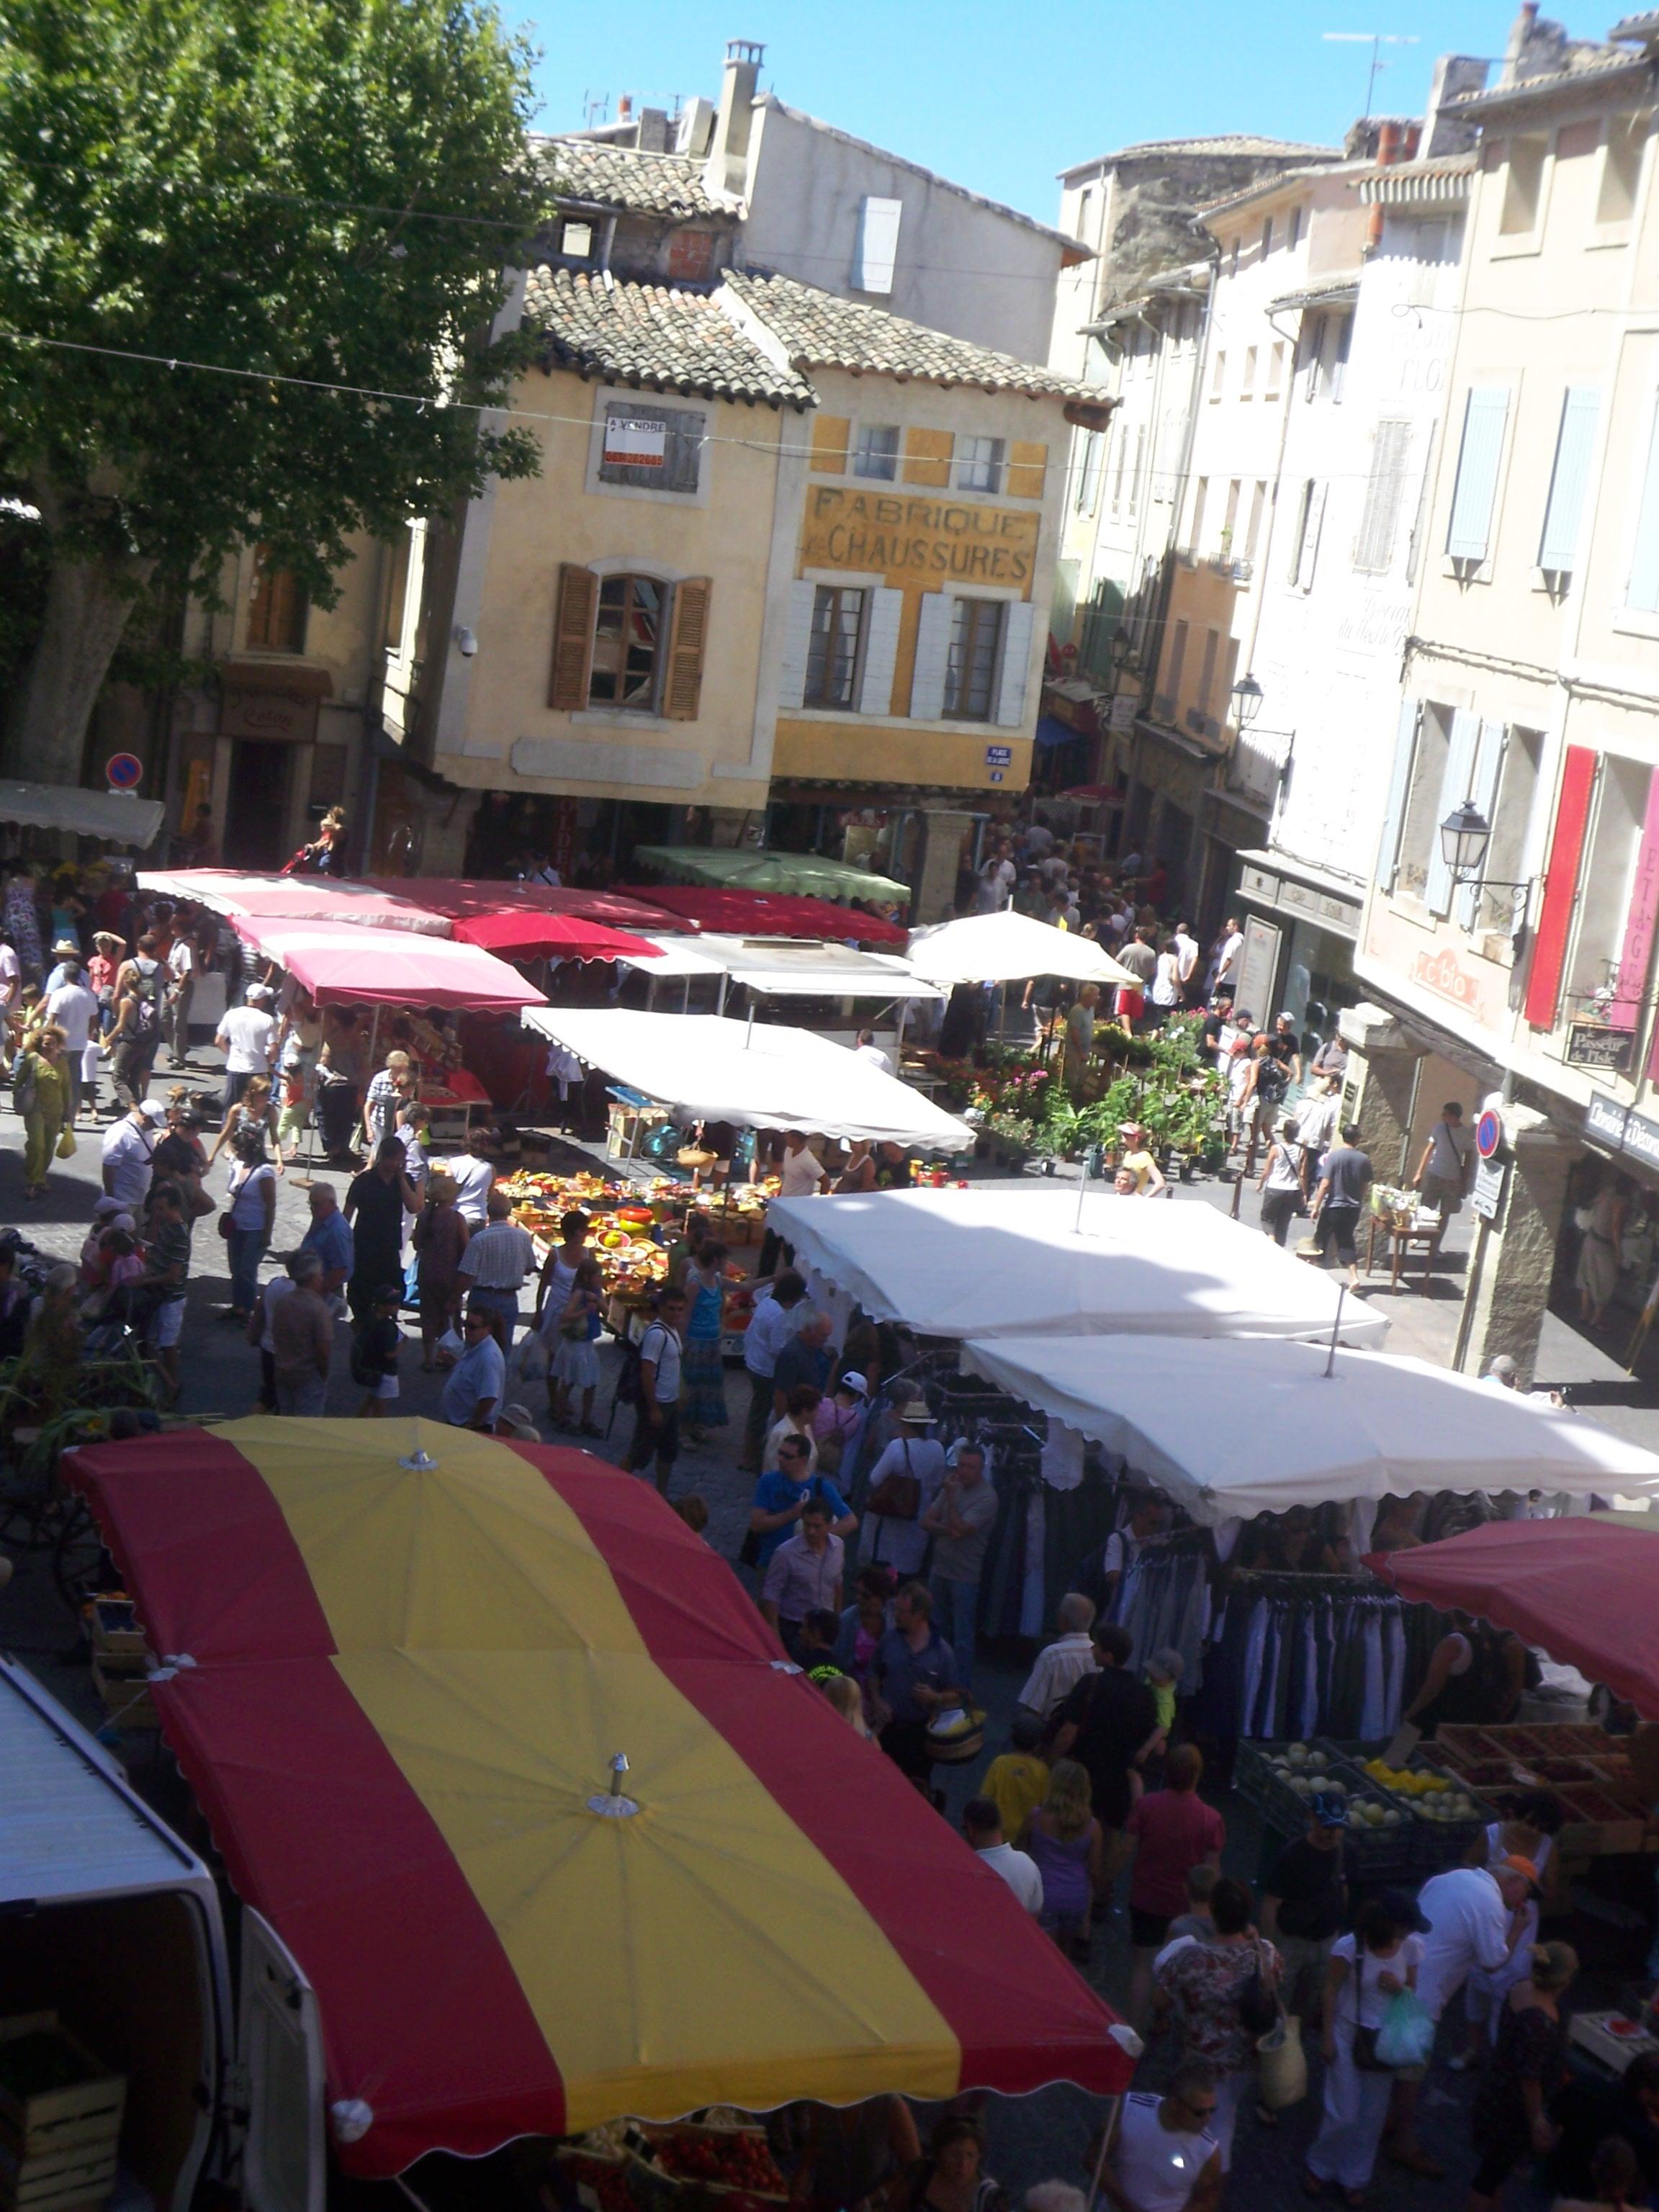 March s provencaux de l 39 isle sur la sorgue office de - Office du tourisme isle sur la sorgue ...